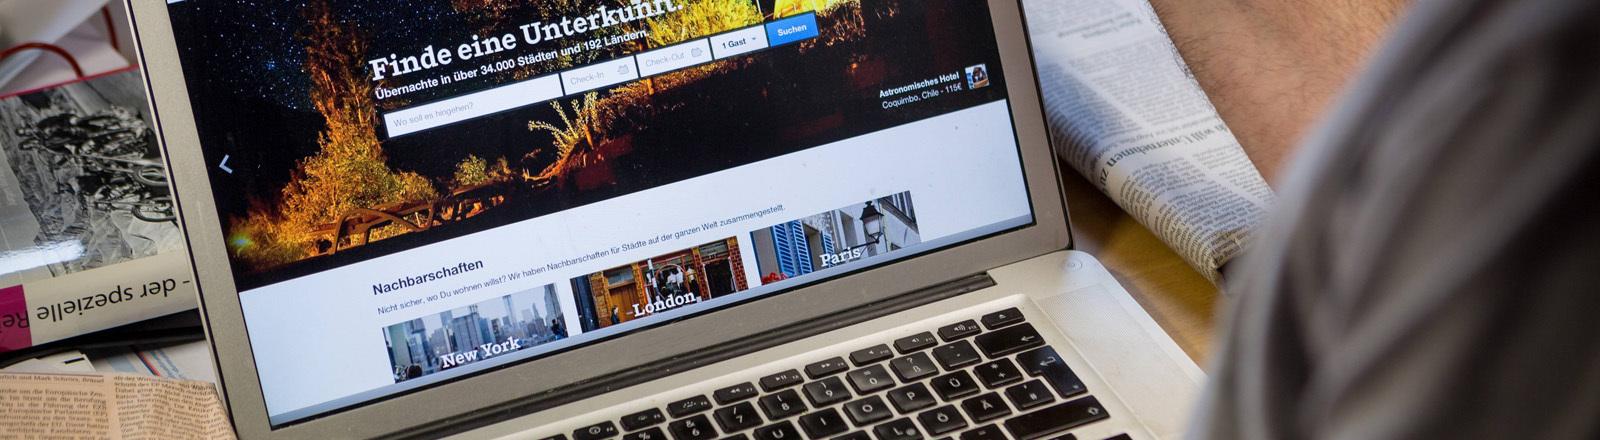 Buchungsportal auf Computerbildschirm